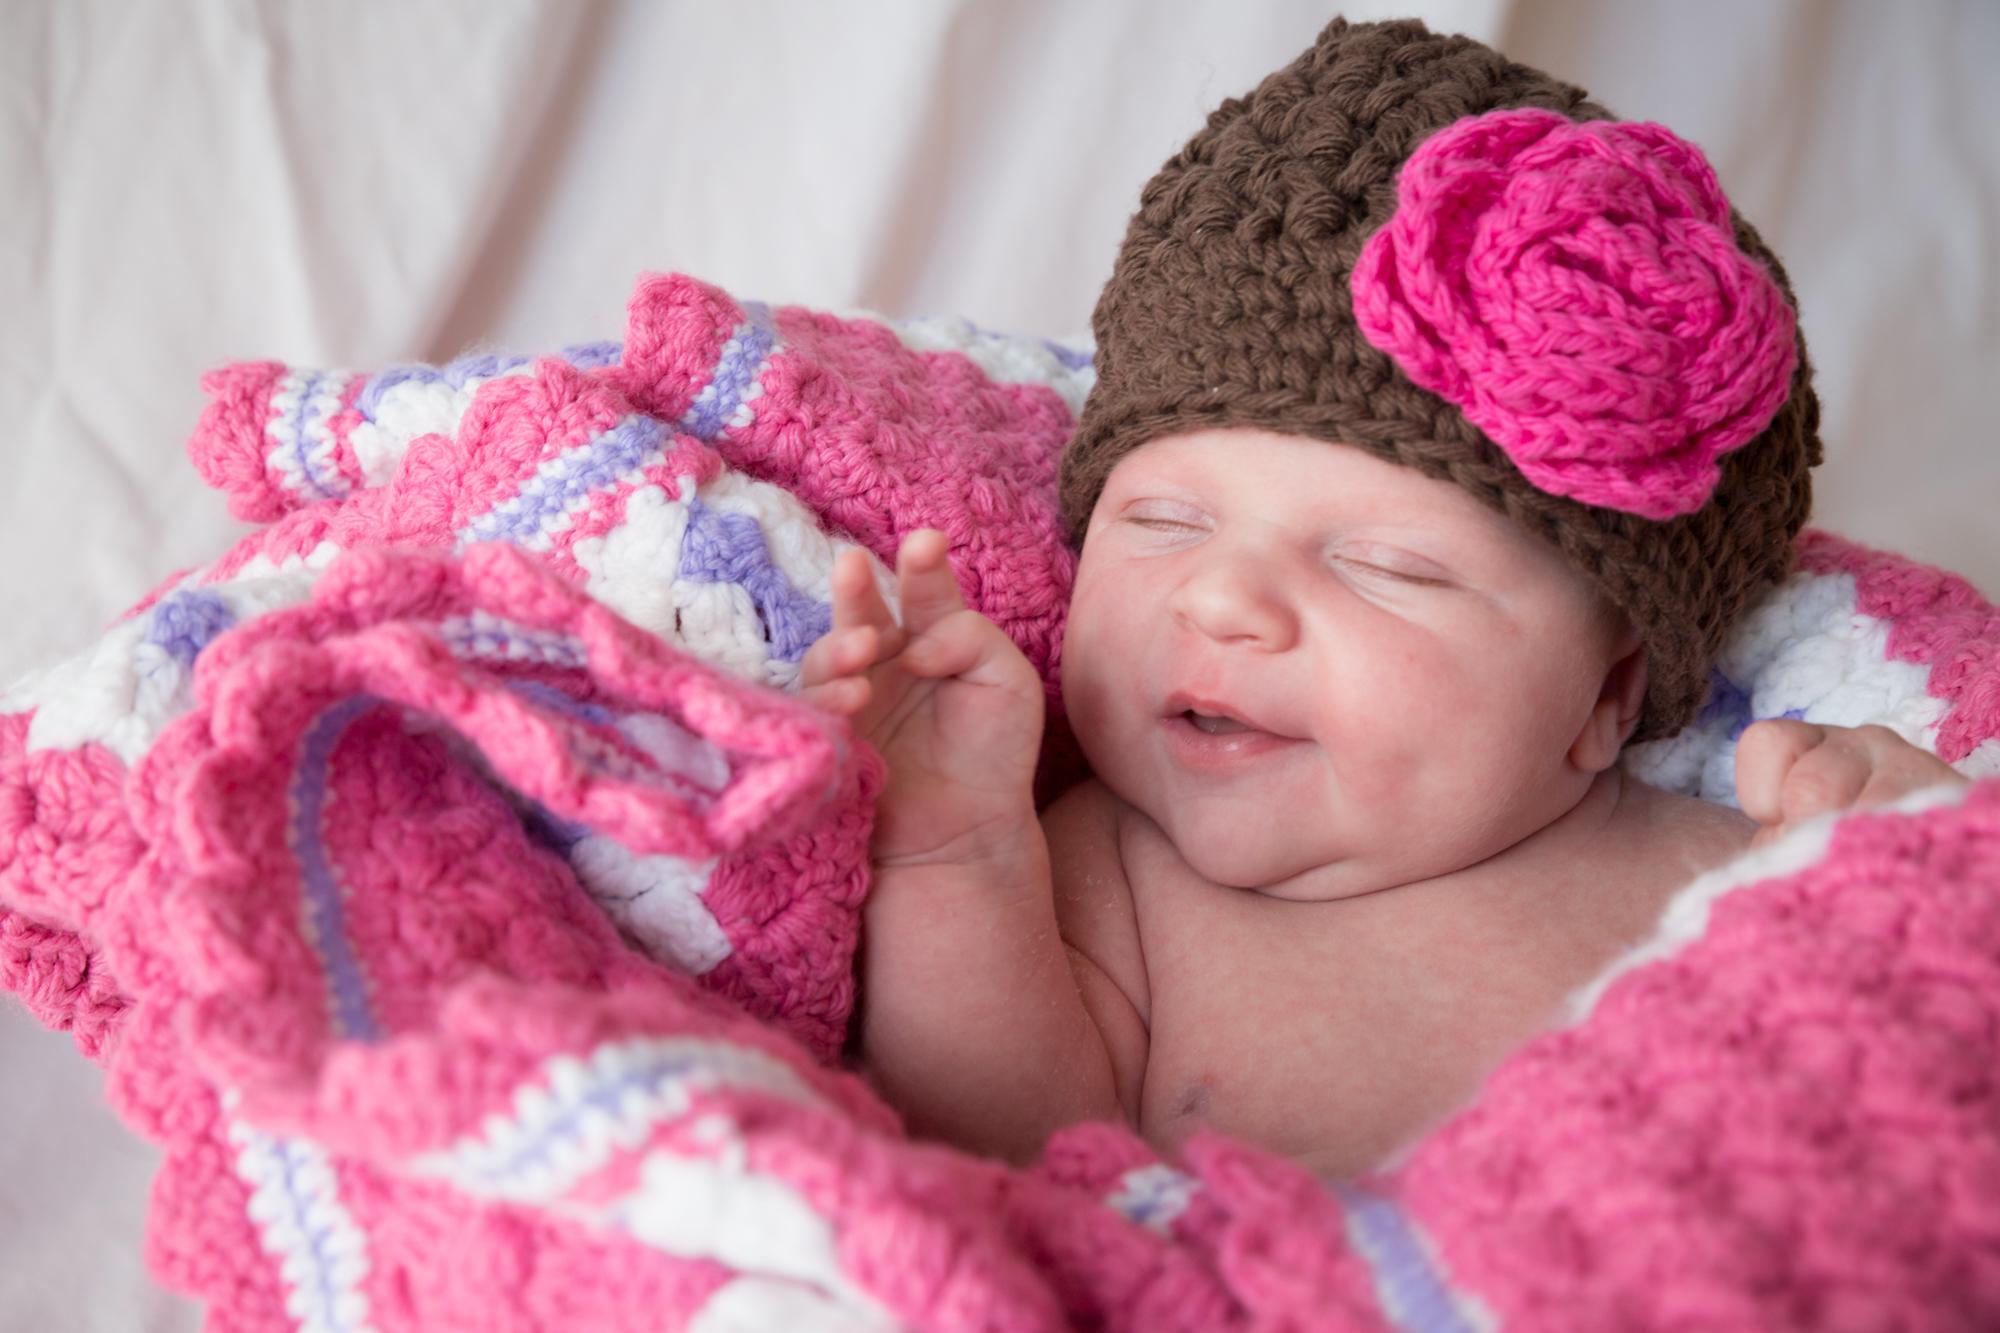 www.fivefivephotos.com.2014.Infant.Seckel.108